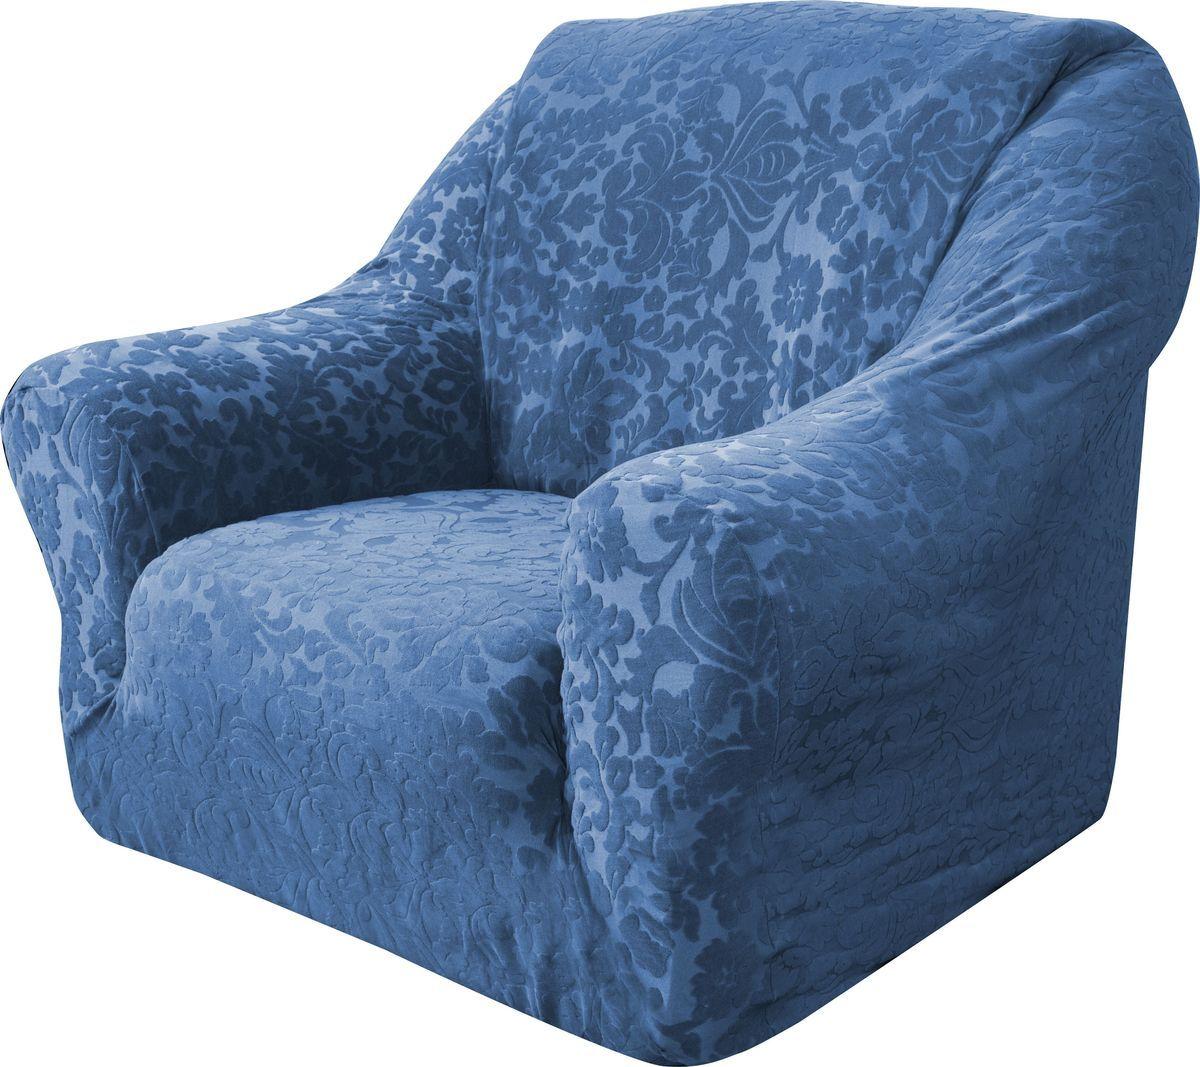 Чехол на кресло Медежда Челтон, цвет: морская волна1401051104000Универсальный чехол на кресло Медежда Челтон изготовлен из стрейчевого жаккарда. Элегантный выпуклый рисунок прекрасно подходит к интерьеру, как в классическом, так и в современном стиле. Тактильное наслаждение, вызываемое тканью, сочетается с эластичностью. Чехол позволяет красиво облегать формы мебели и выглядеть как дорогая обивка, выполненная на заказ.Чехол легко растягивается, хорошо принимает форму кресла и подходит для стандартных кресел с шириной спинки от 80 см до 110 см и высотой не более 95 см. За счет специальных фиксаторов чехол прочно держится на мебели, не съезжает и не соскальзывает.